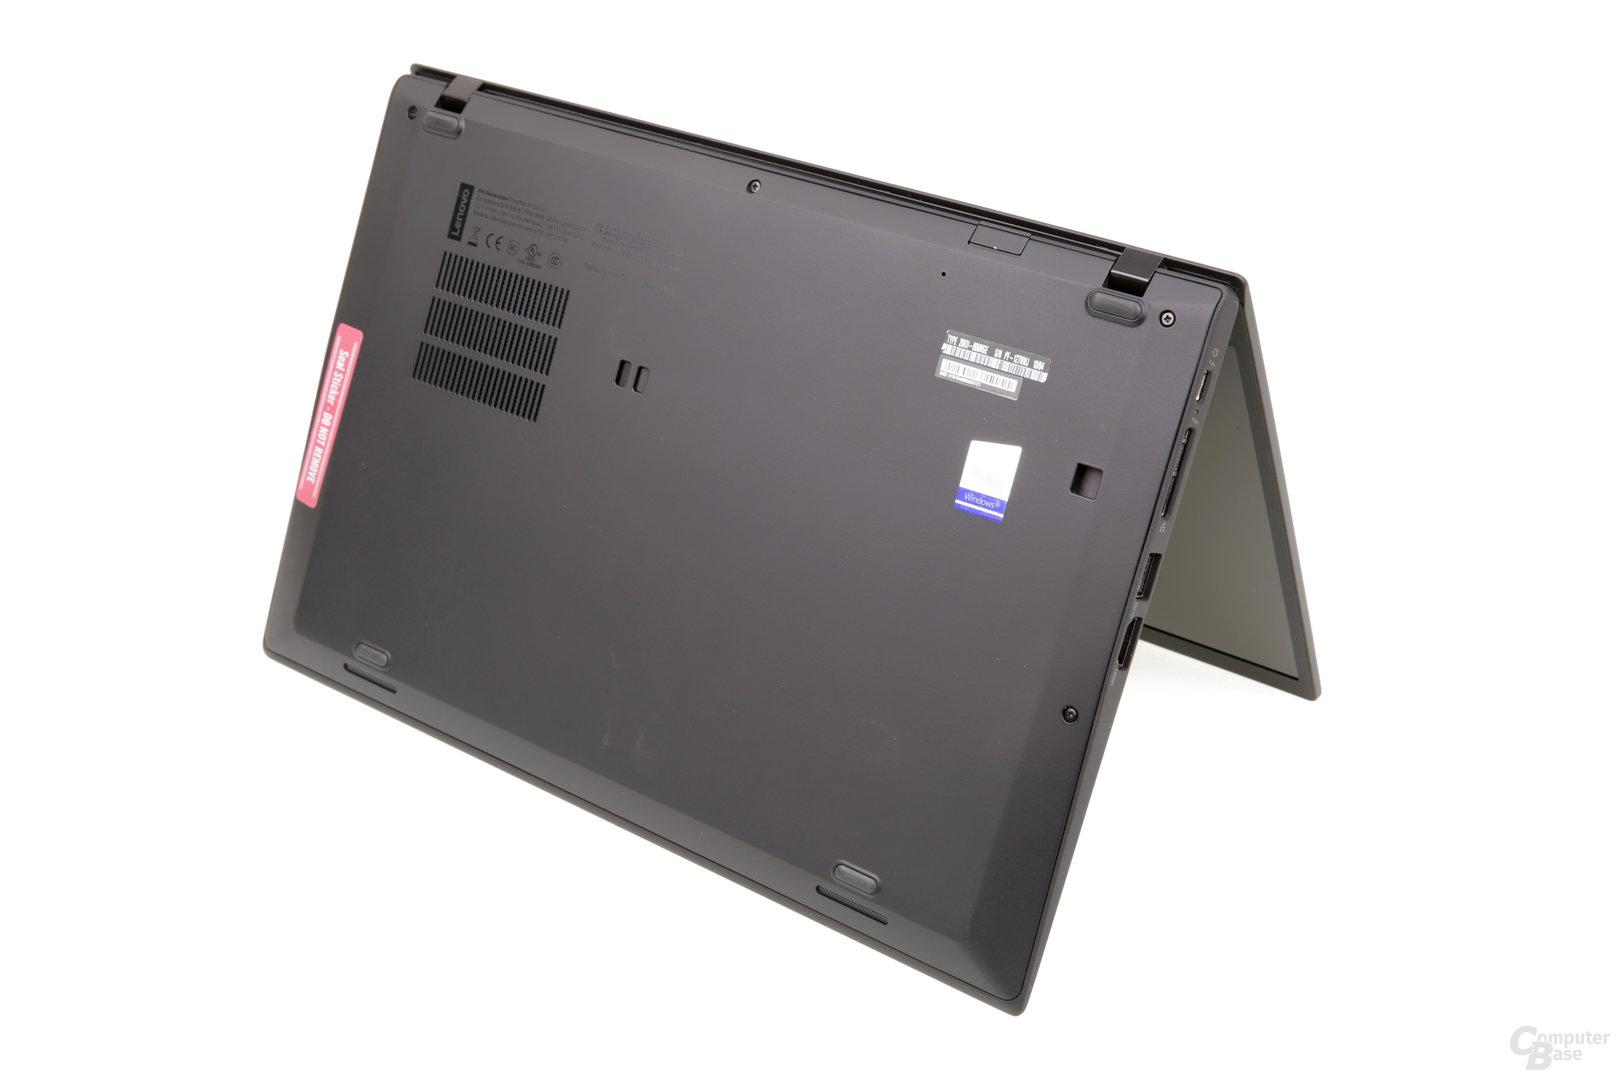 ThinkPad X1 Carbon von hinten betrachtet